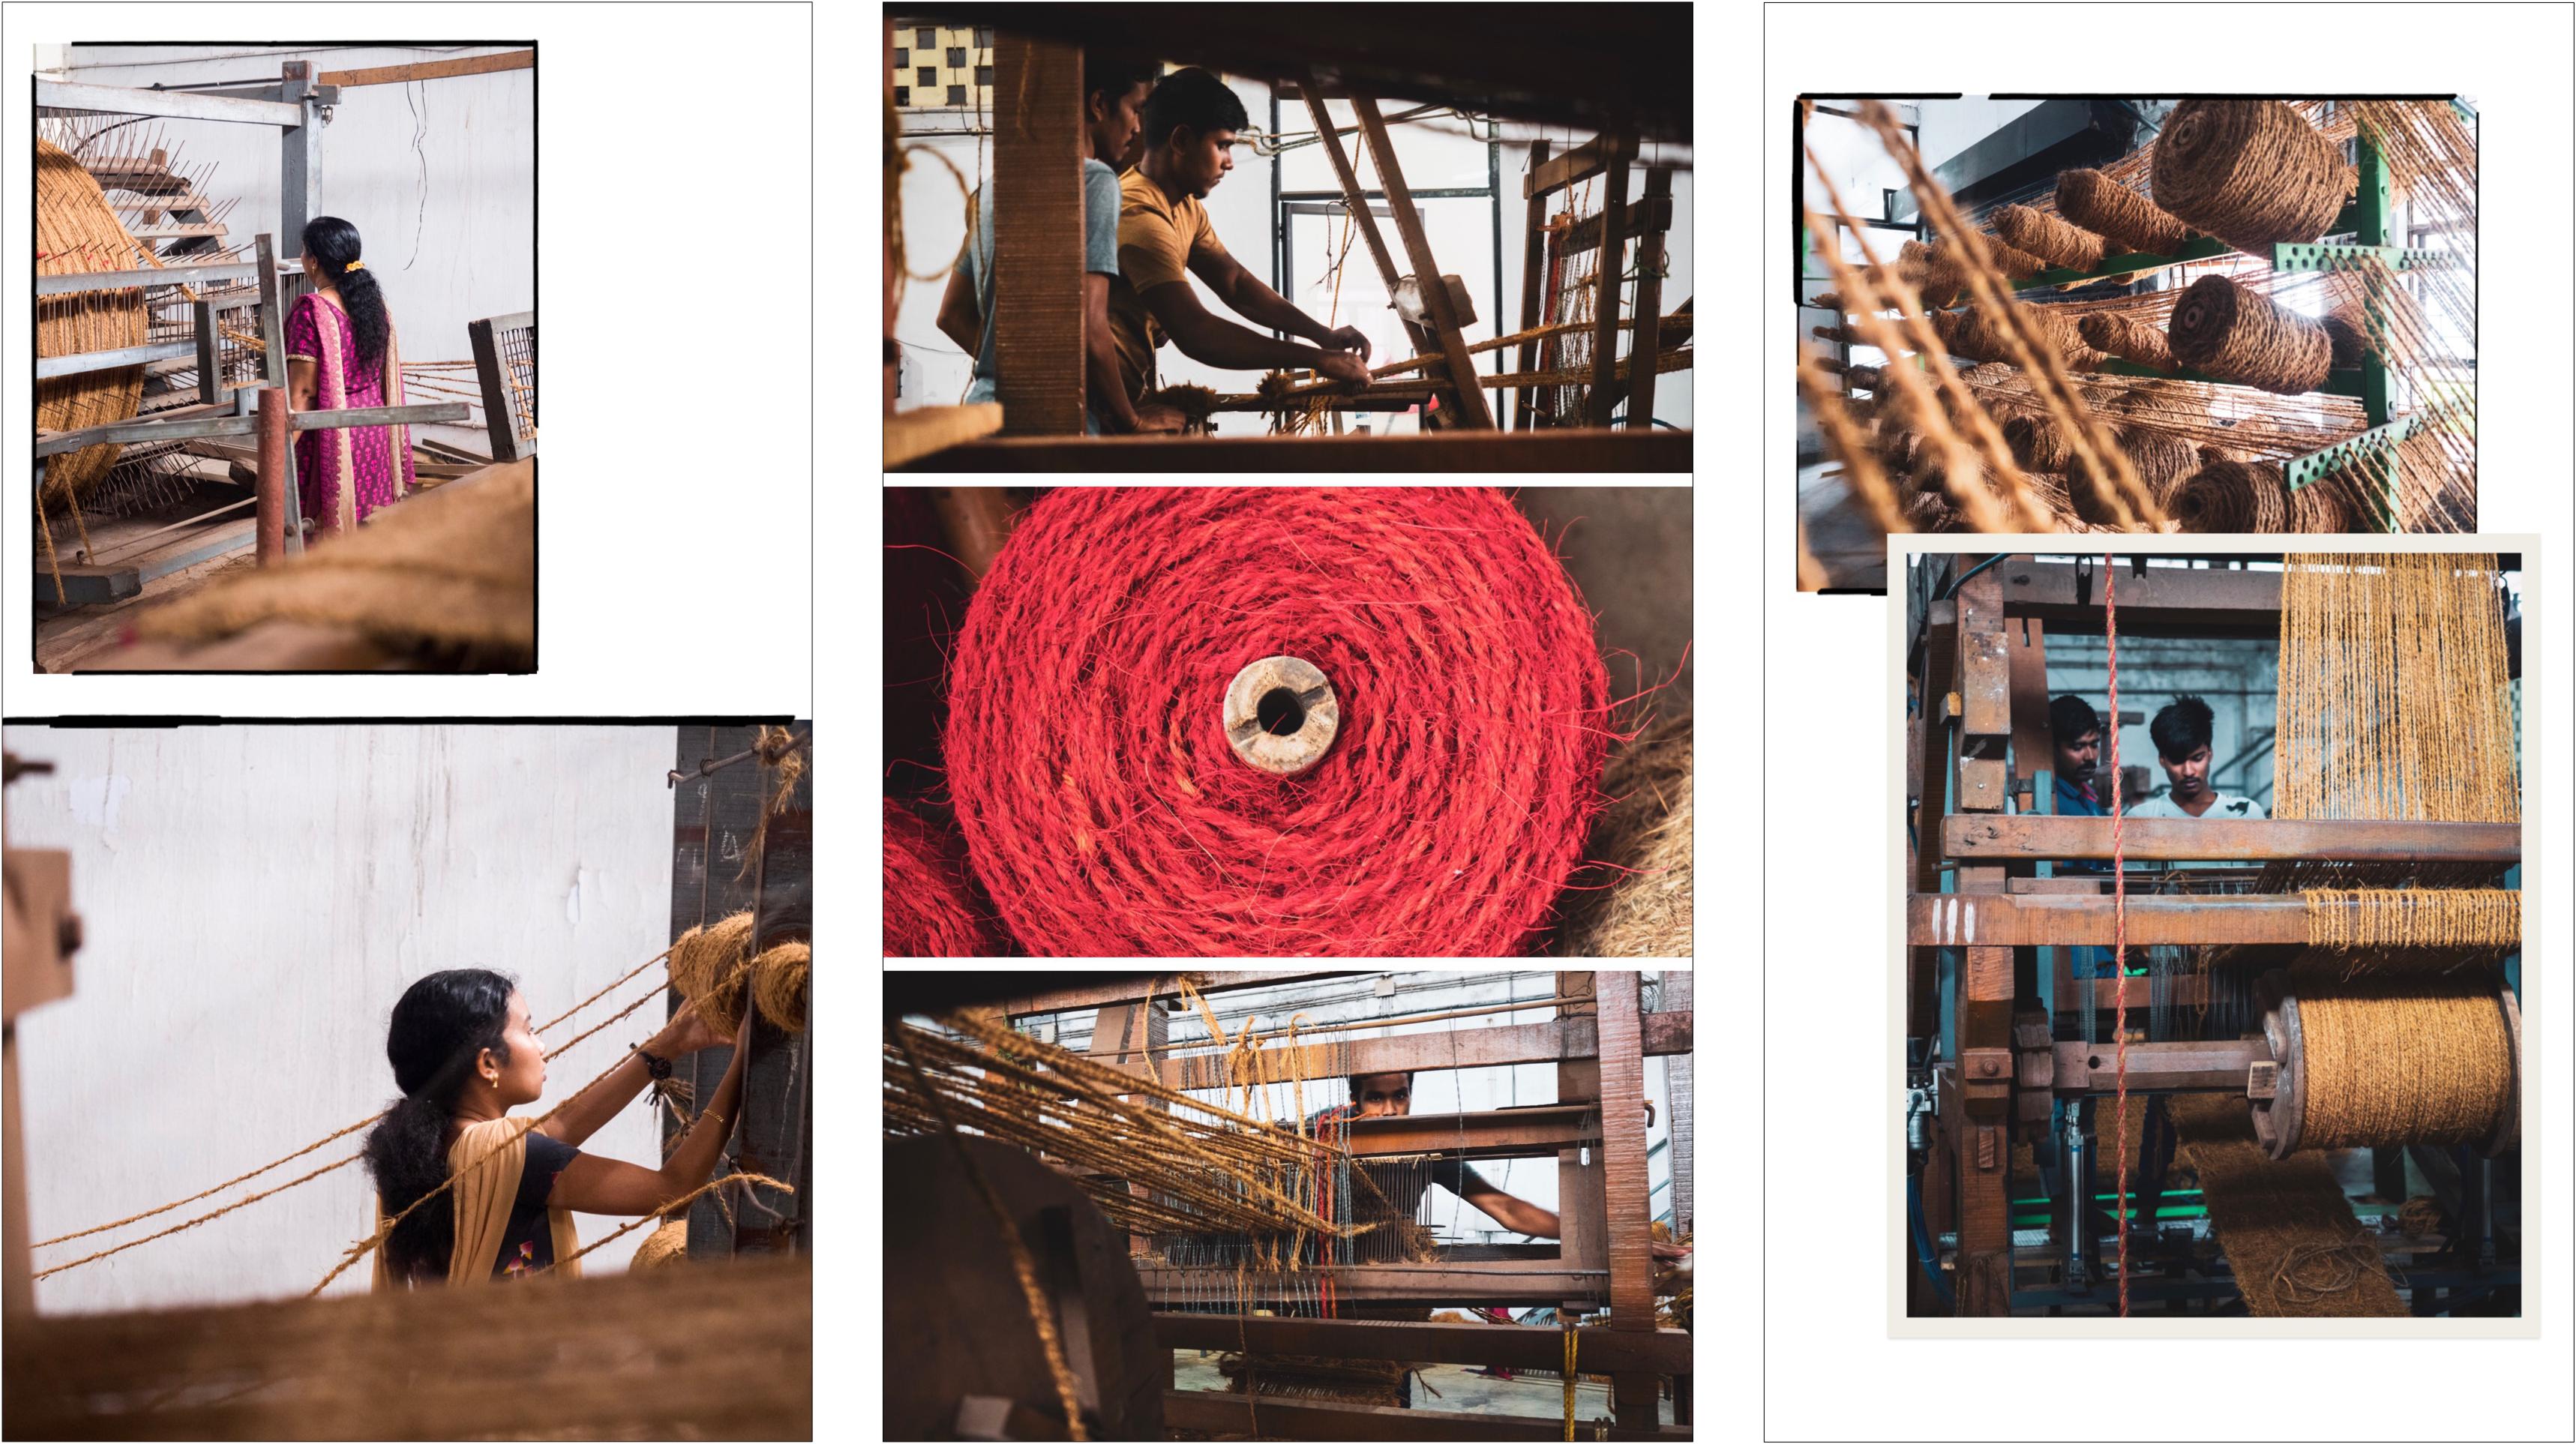 voyager au Kerala - atelier de fabrication de corde  de fibre de coco